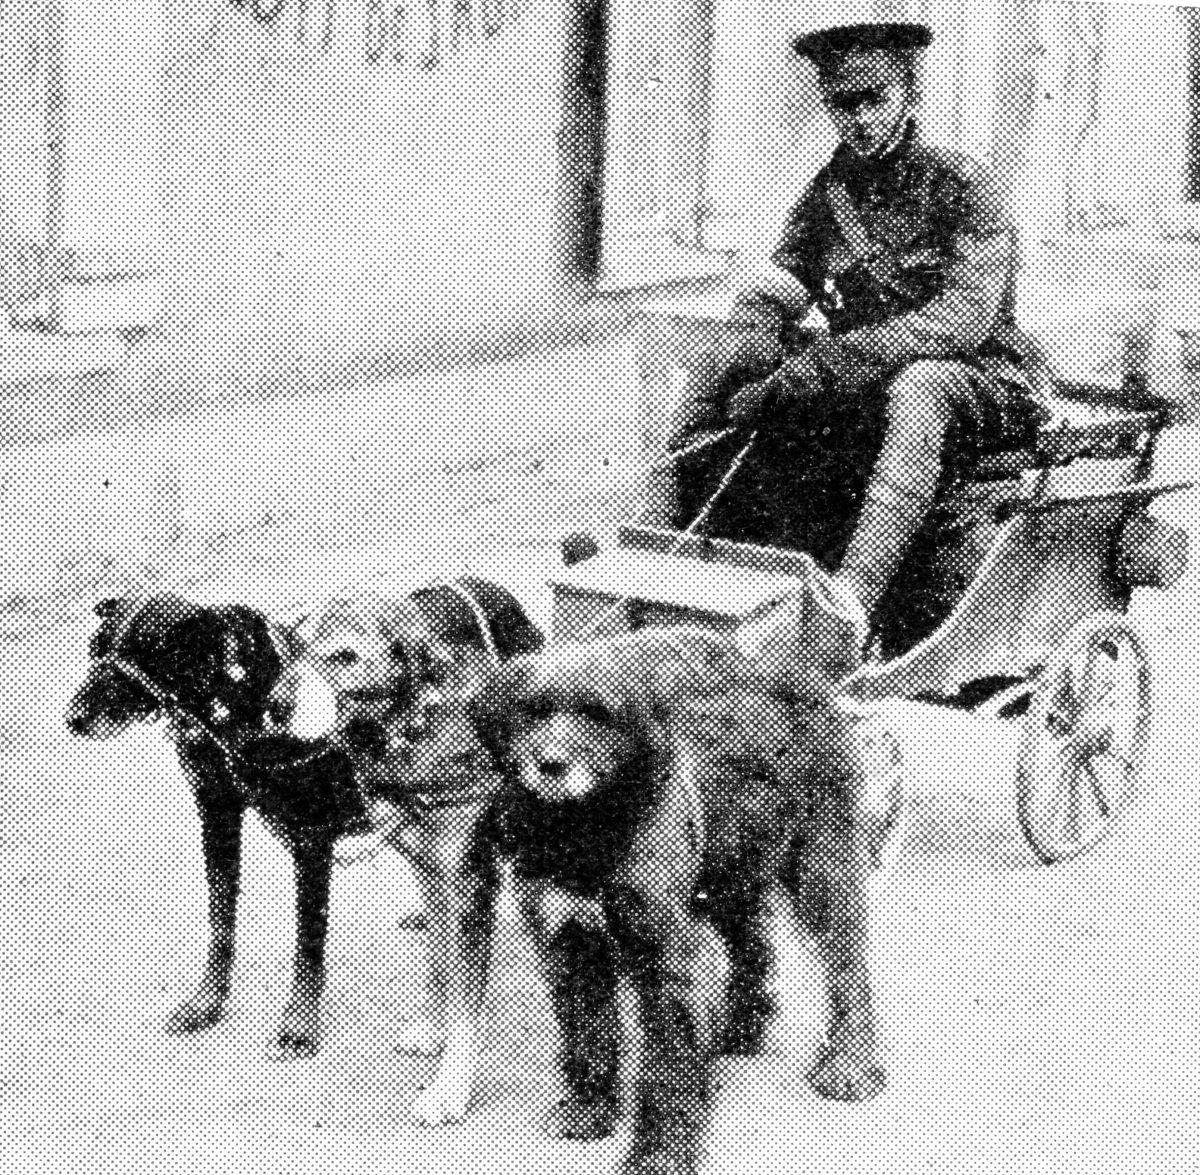 War-Dogs of First World War (WWI, First Great European War) 1914 ...